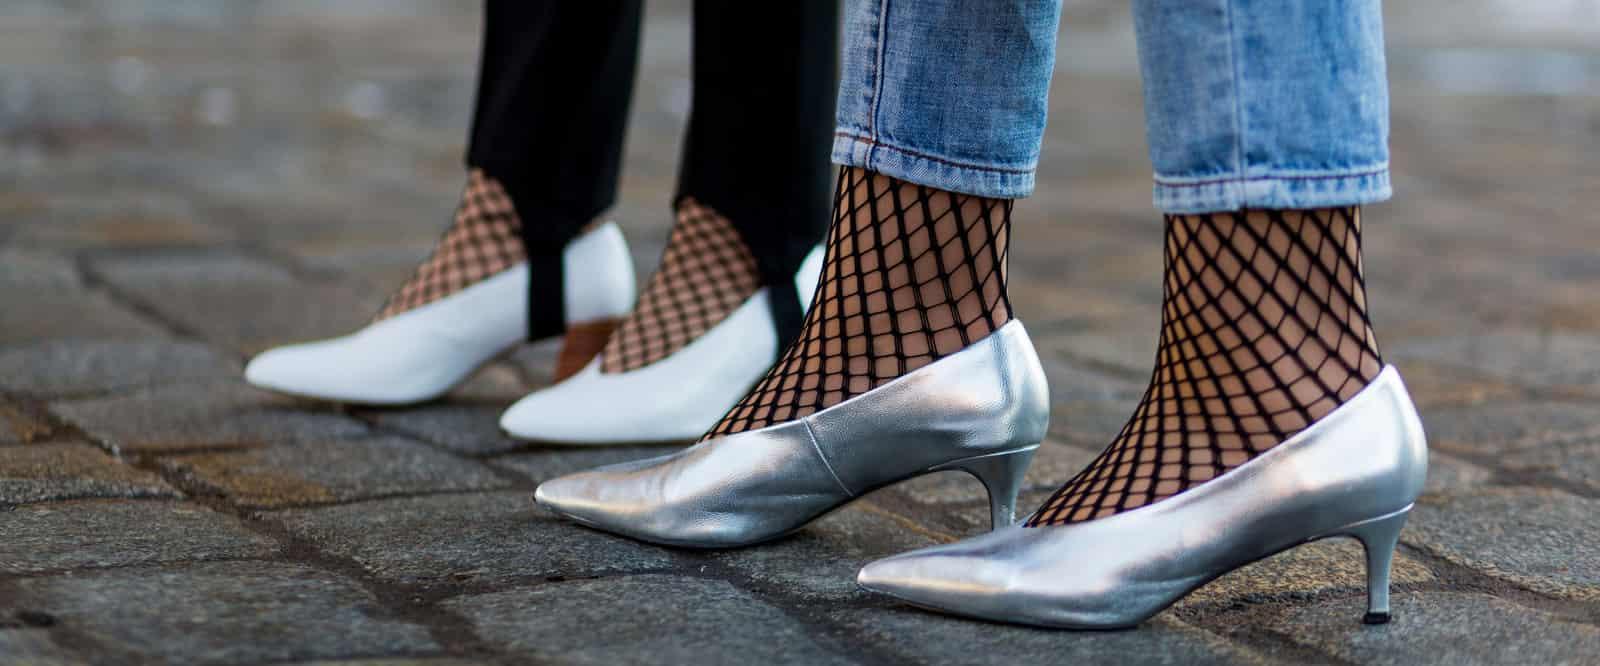 说好一起做良家少女,你们竟偷偷穿了渔网袜!渔网袜配什么鞋好看,帆布鞋?运动鞋?都没有搭配高跟鞋经典。